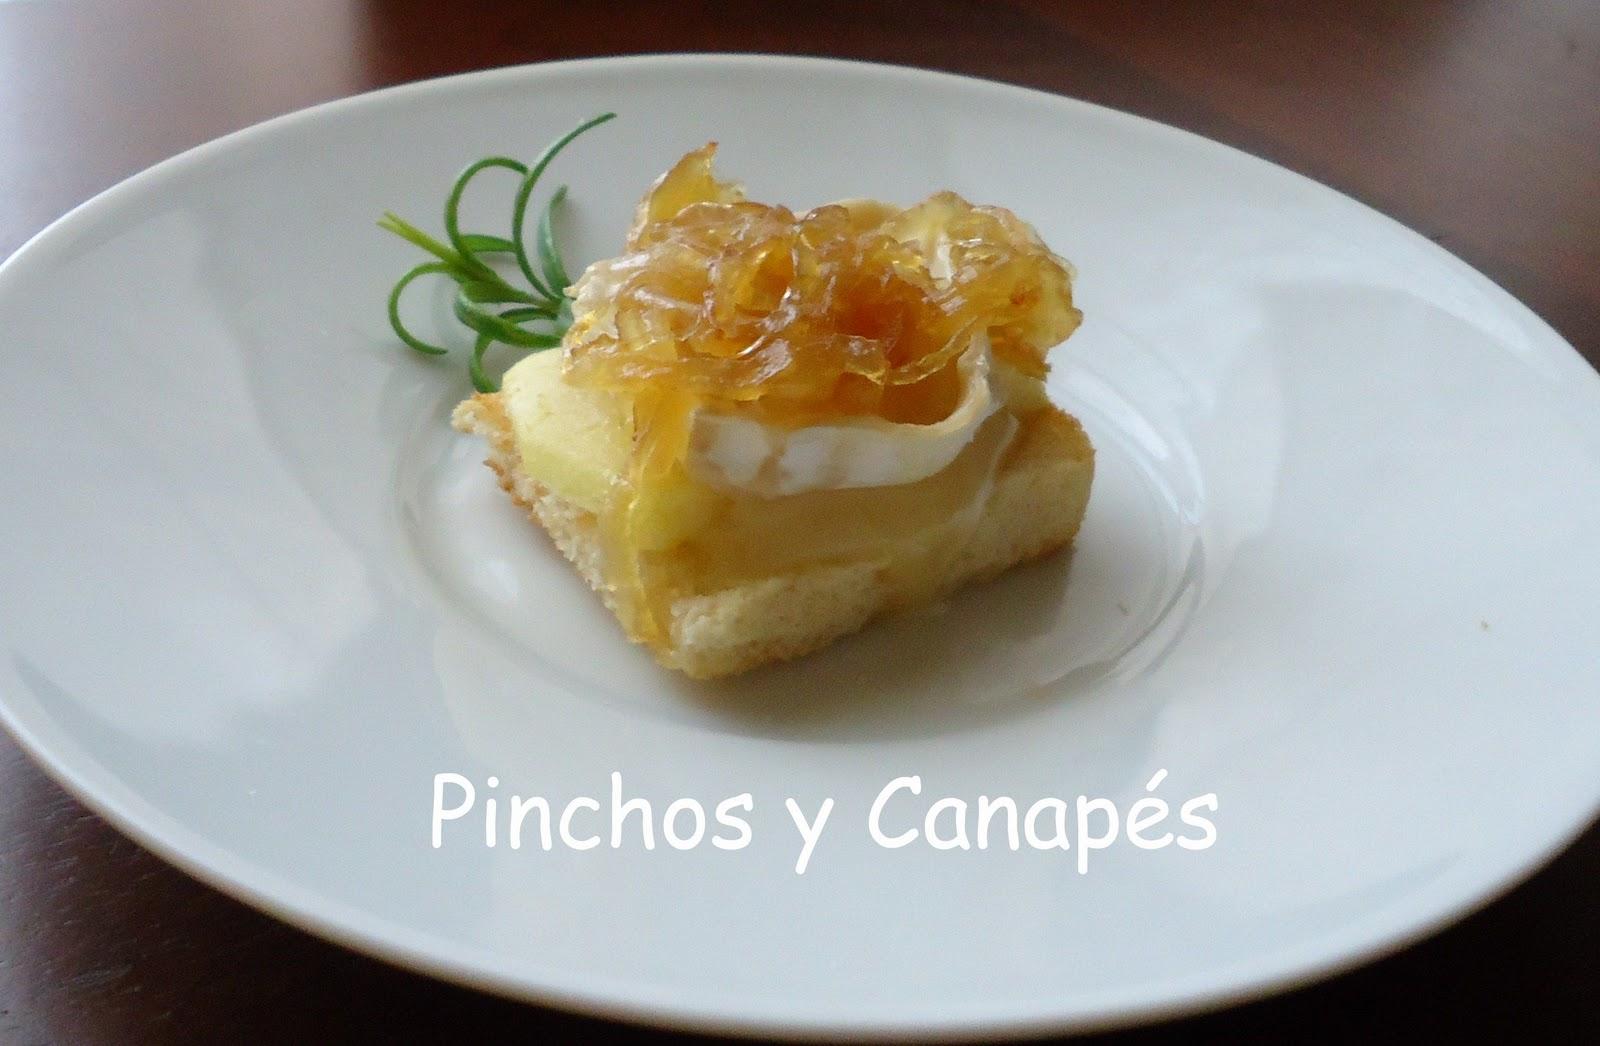 Pinchos y canap s for Canape queso de cabra